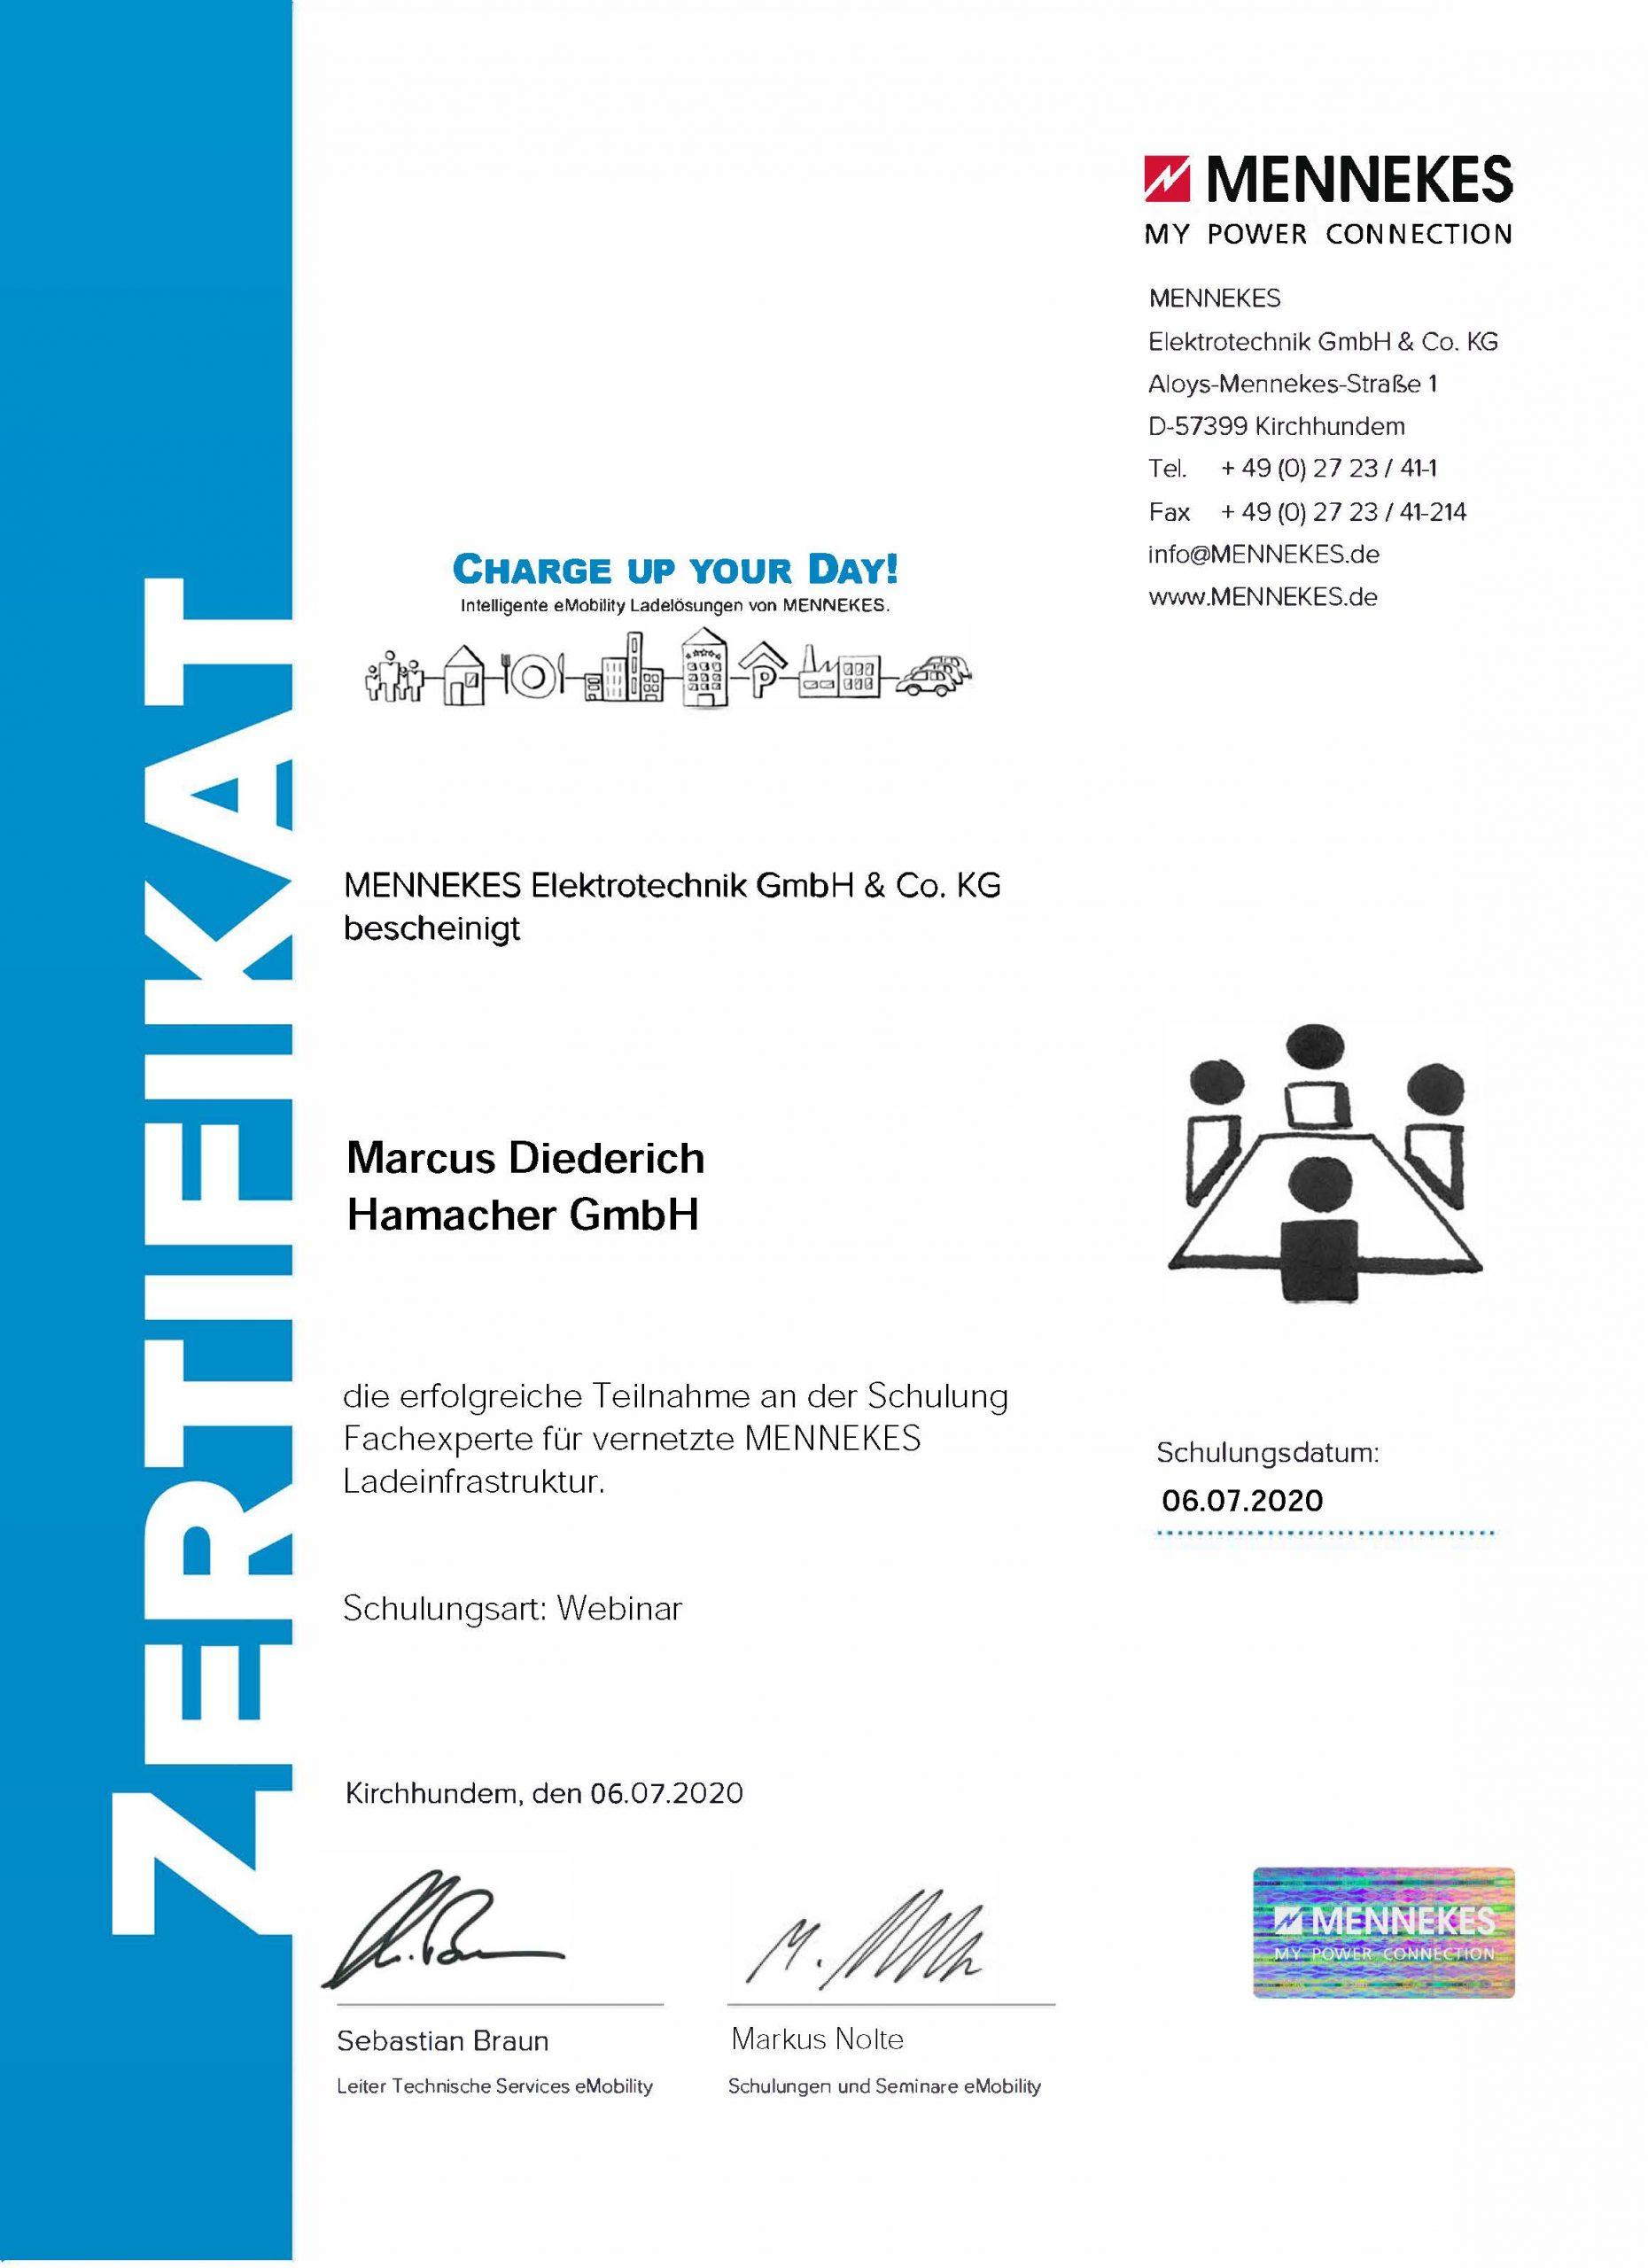 Zertifikat Vernetzte Ladeinfrastruktur Diederich